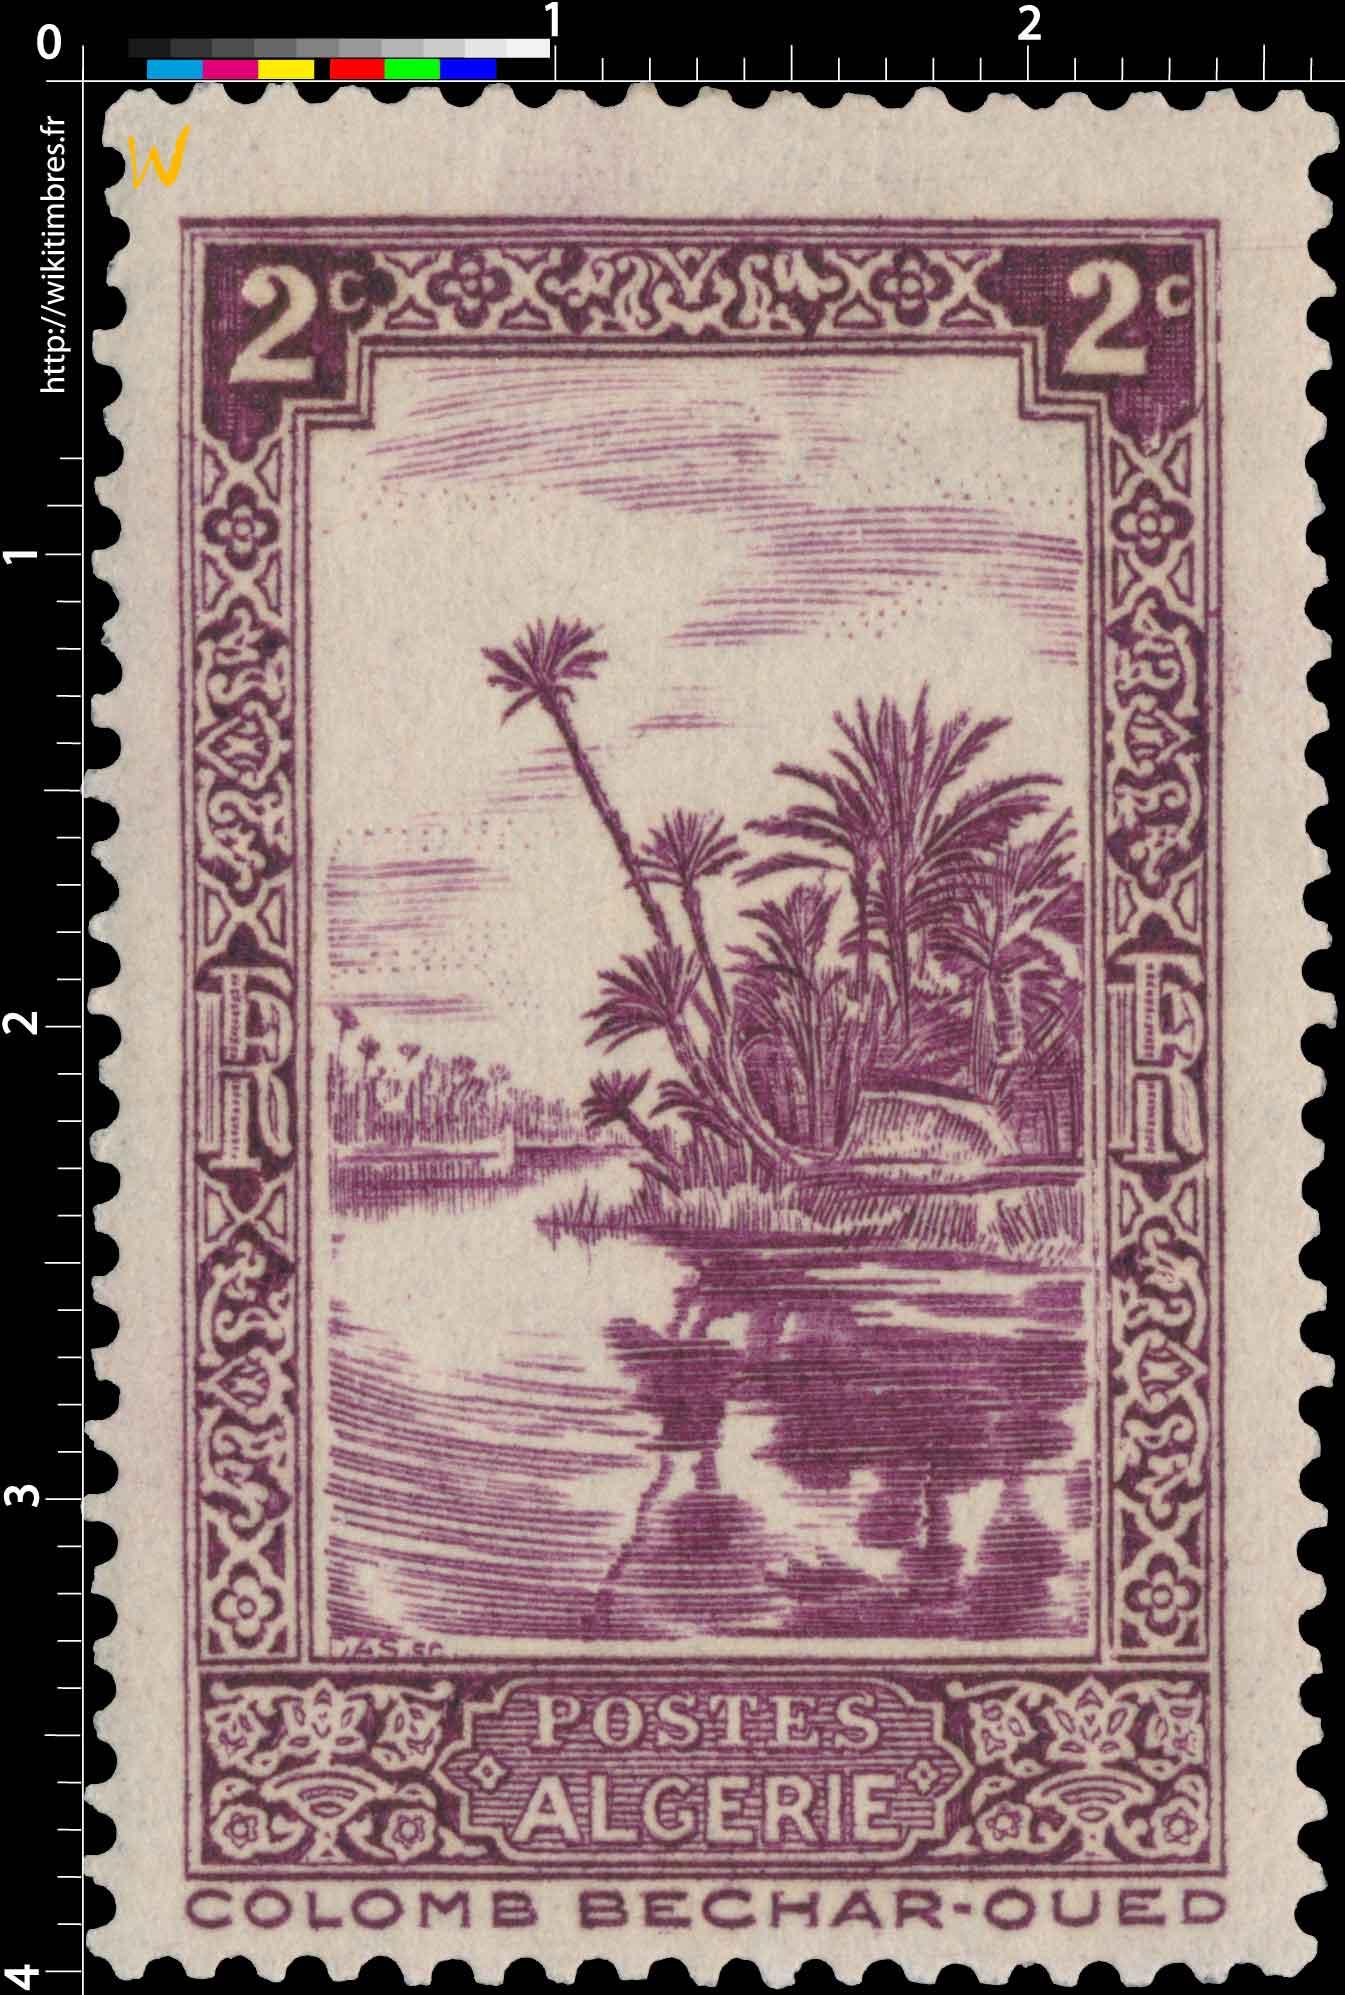 Algérie - Colomb Béchar-Oued